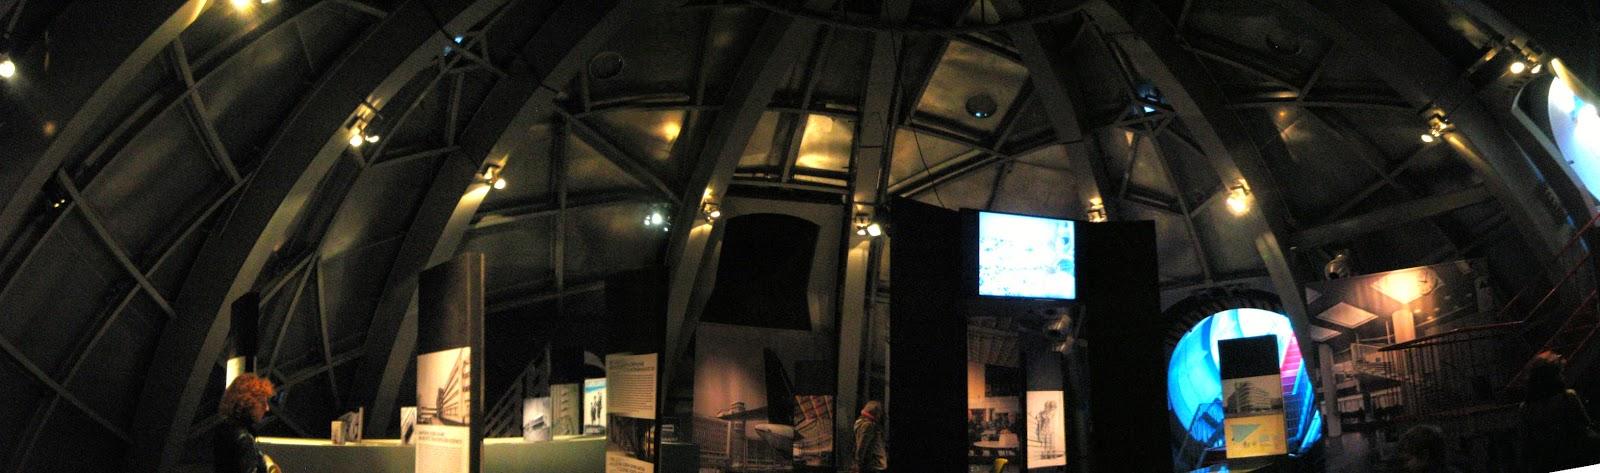 Interior de una de las esferas del Atomium